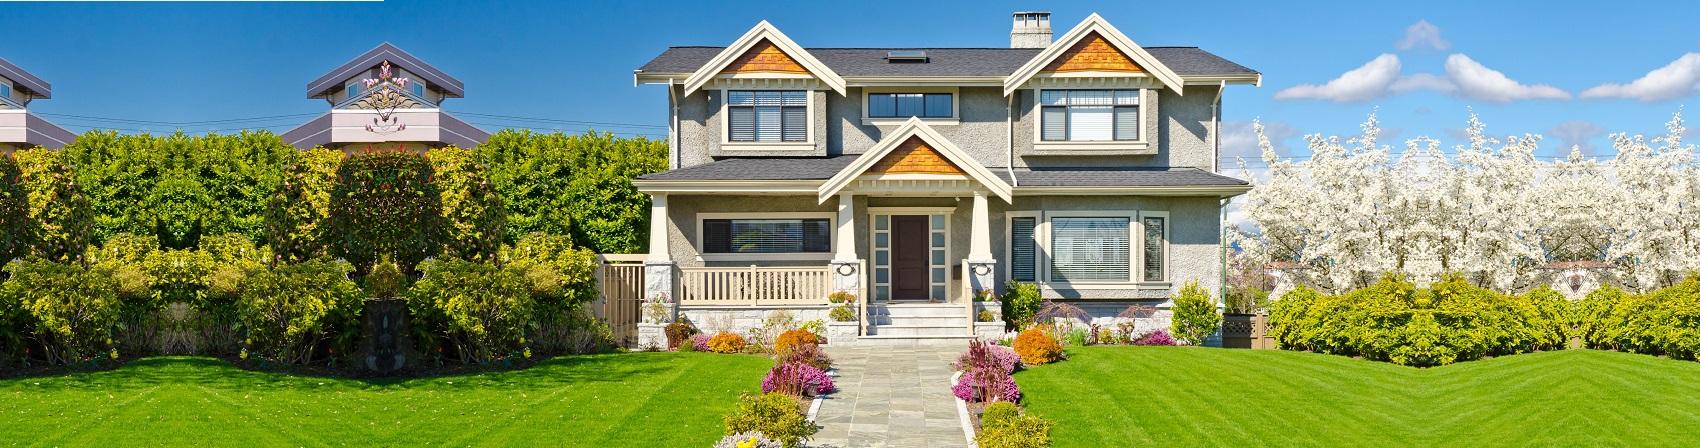 originál-kanadské-dřevostavby-a-rodinné-domy-gemivo1